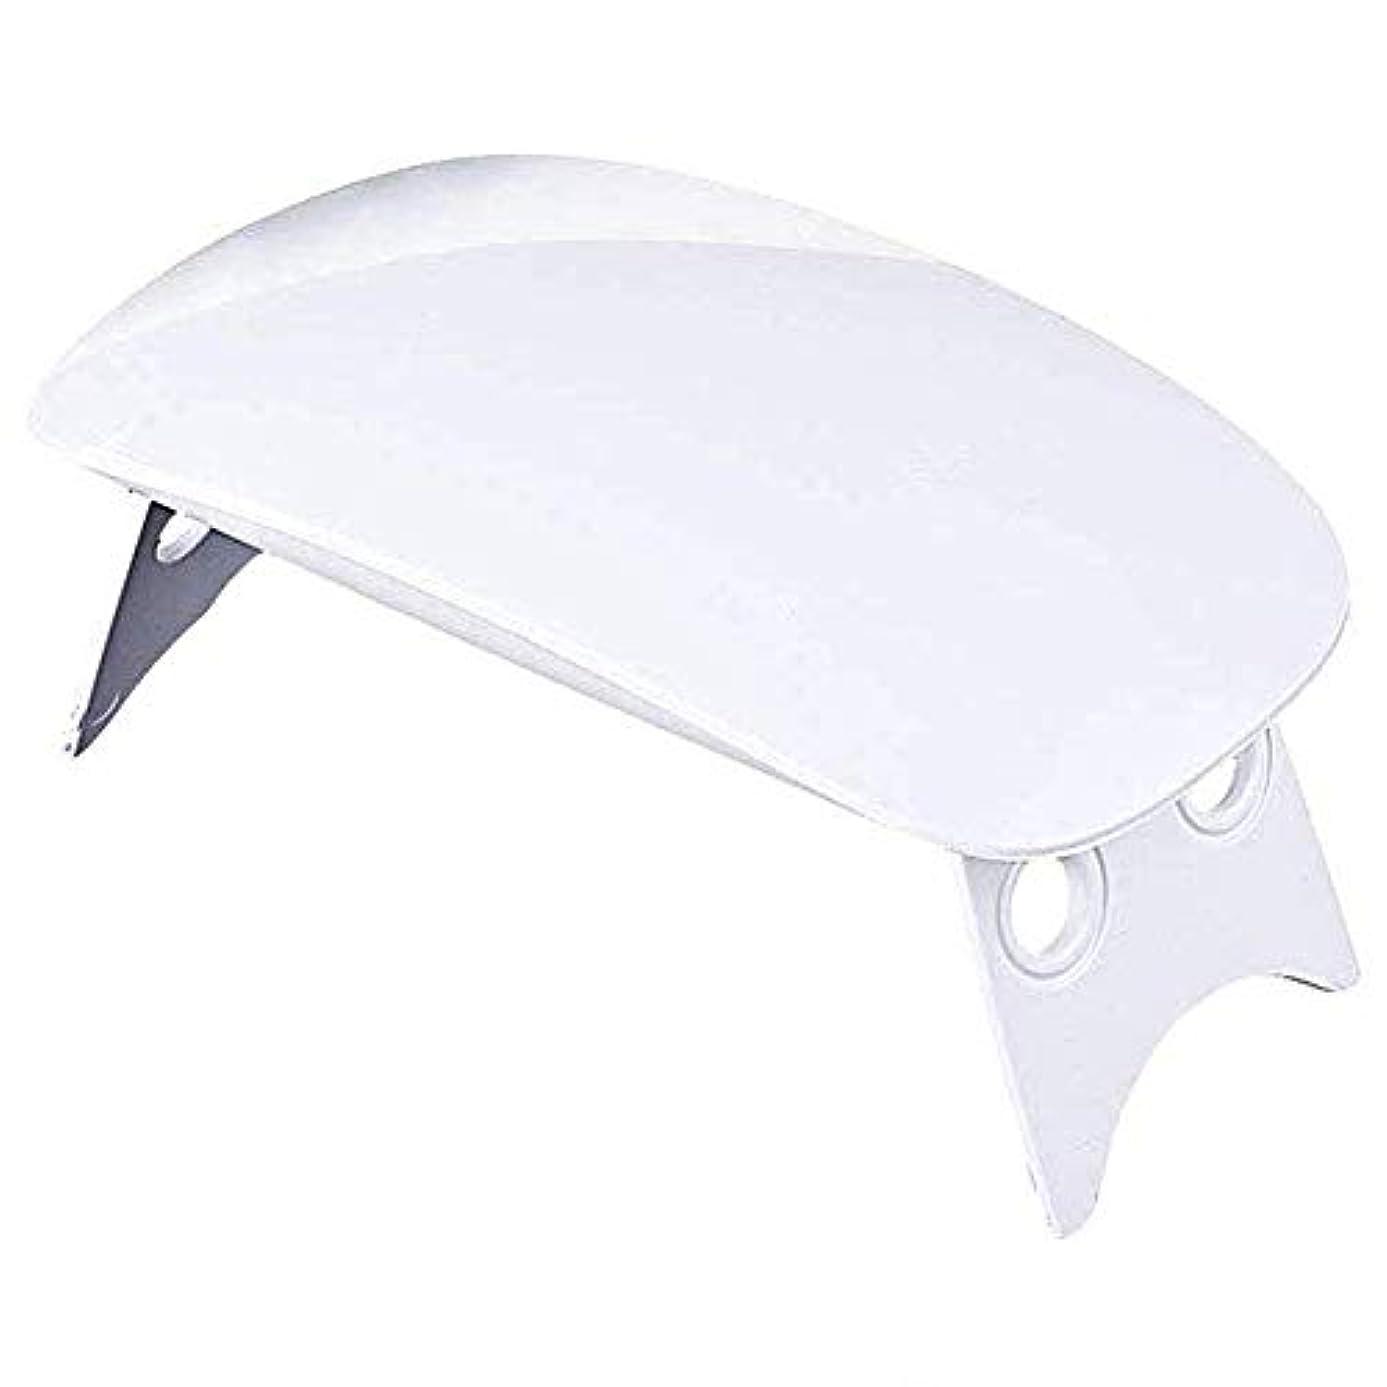 高音スクラブドラッグLEDネイルドライヤー UVライト 折りたたみ式 設定可能 タイマー ジェルネイル